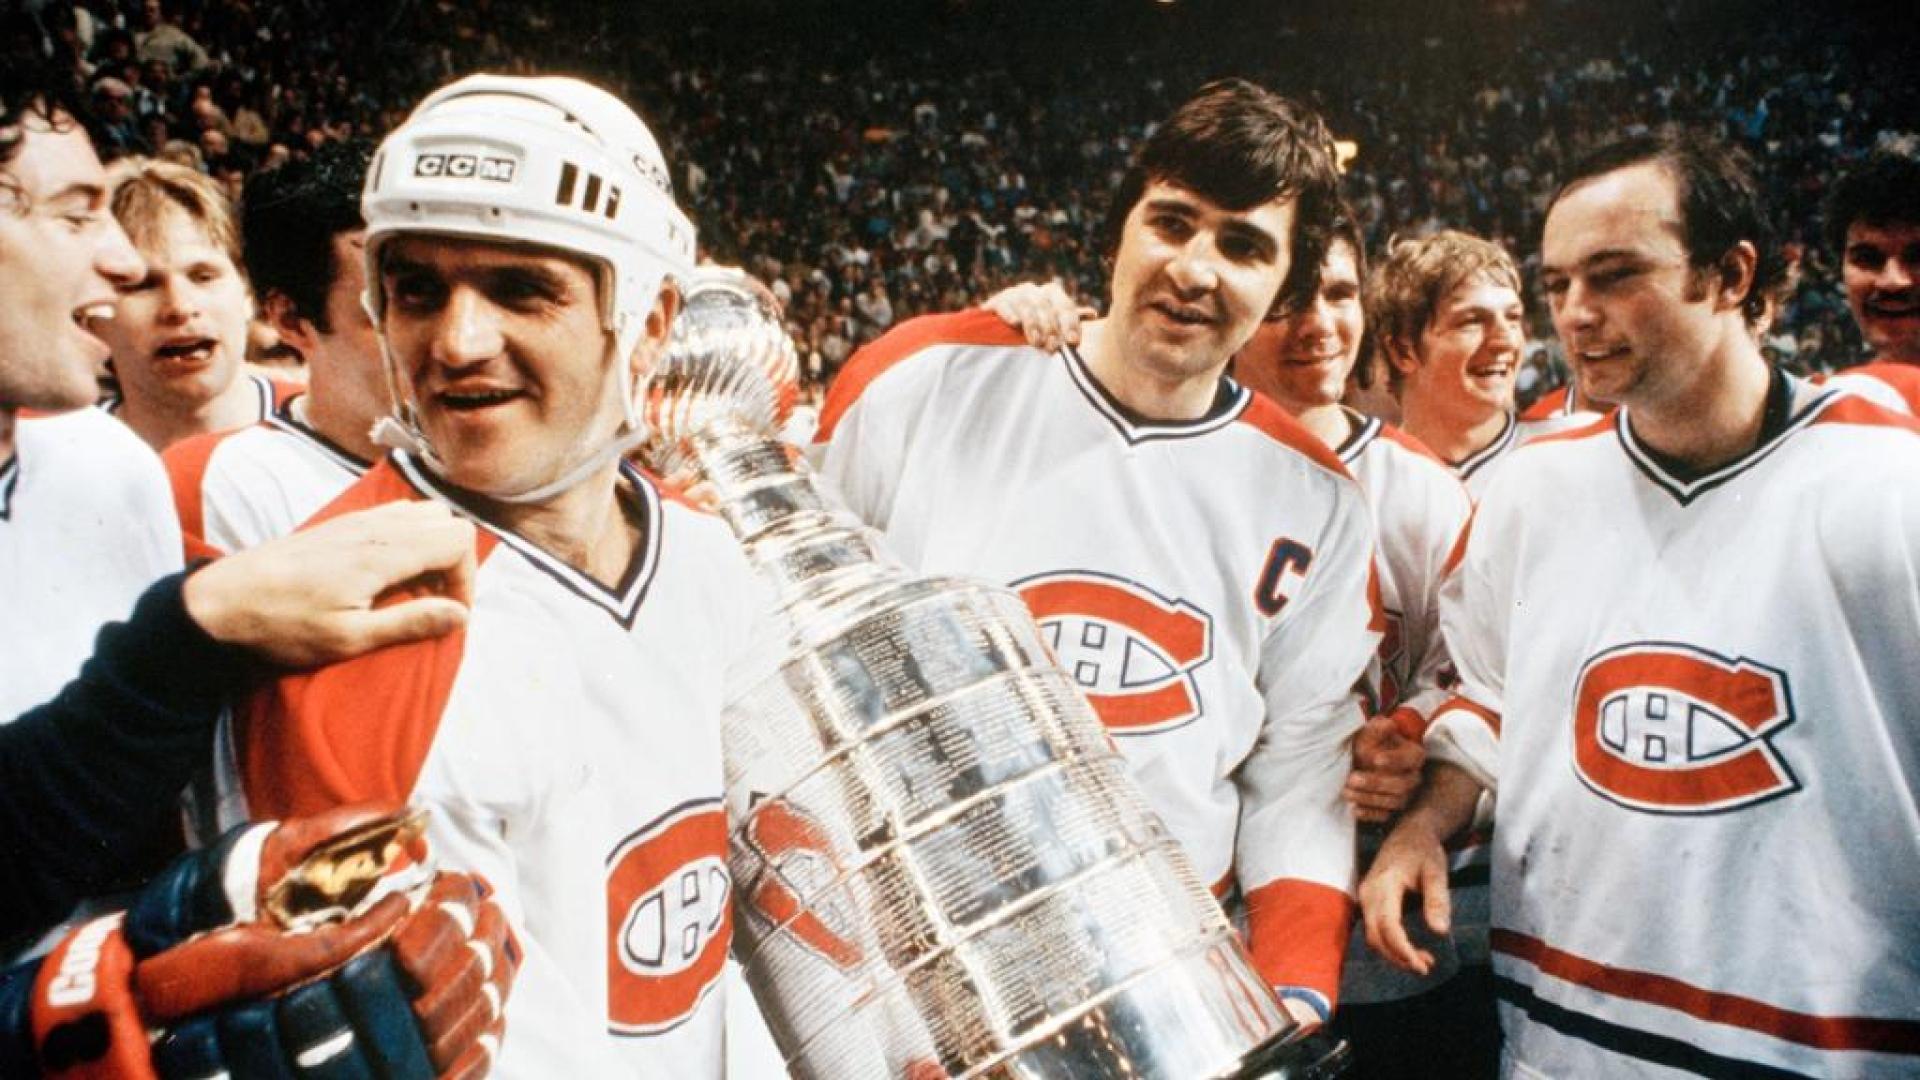 Et Si Le Canadien Se Payait Une Dynastie Deuxieme Partie Canadiens Grand Club Rds Ca